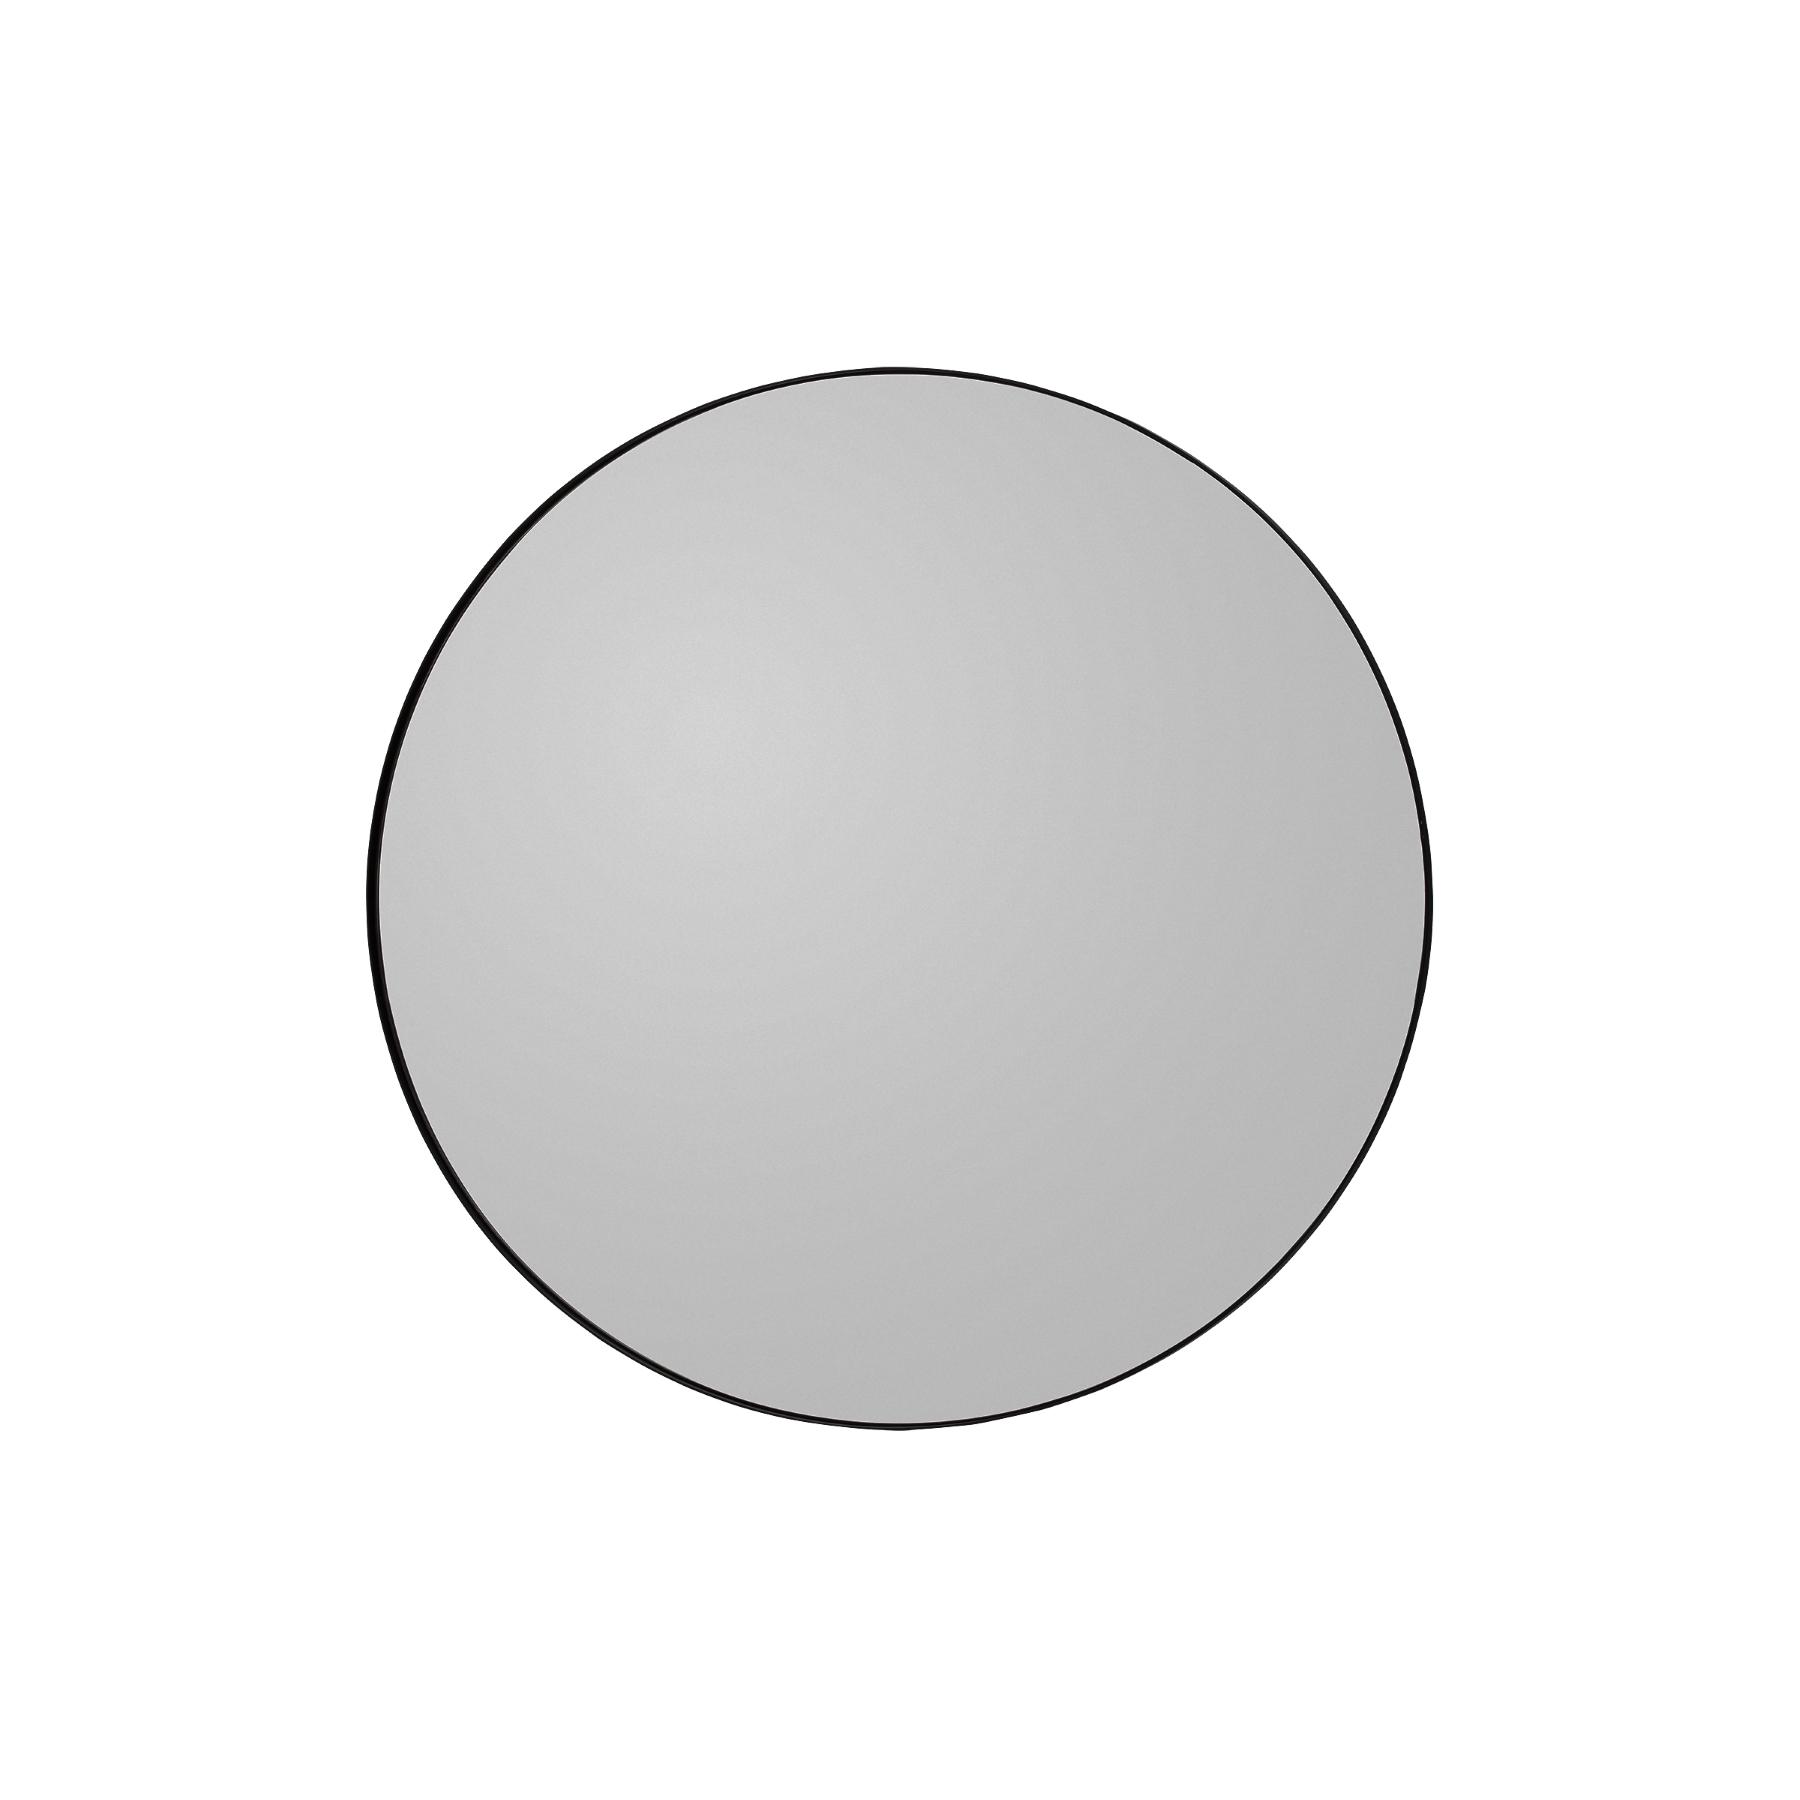 Spegel CIRCUM 70 cm black, AYTM